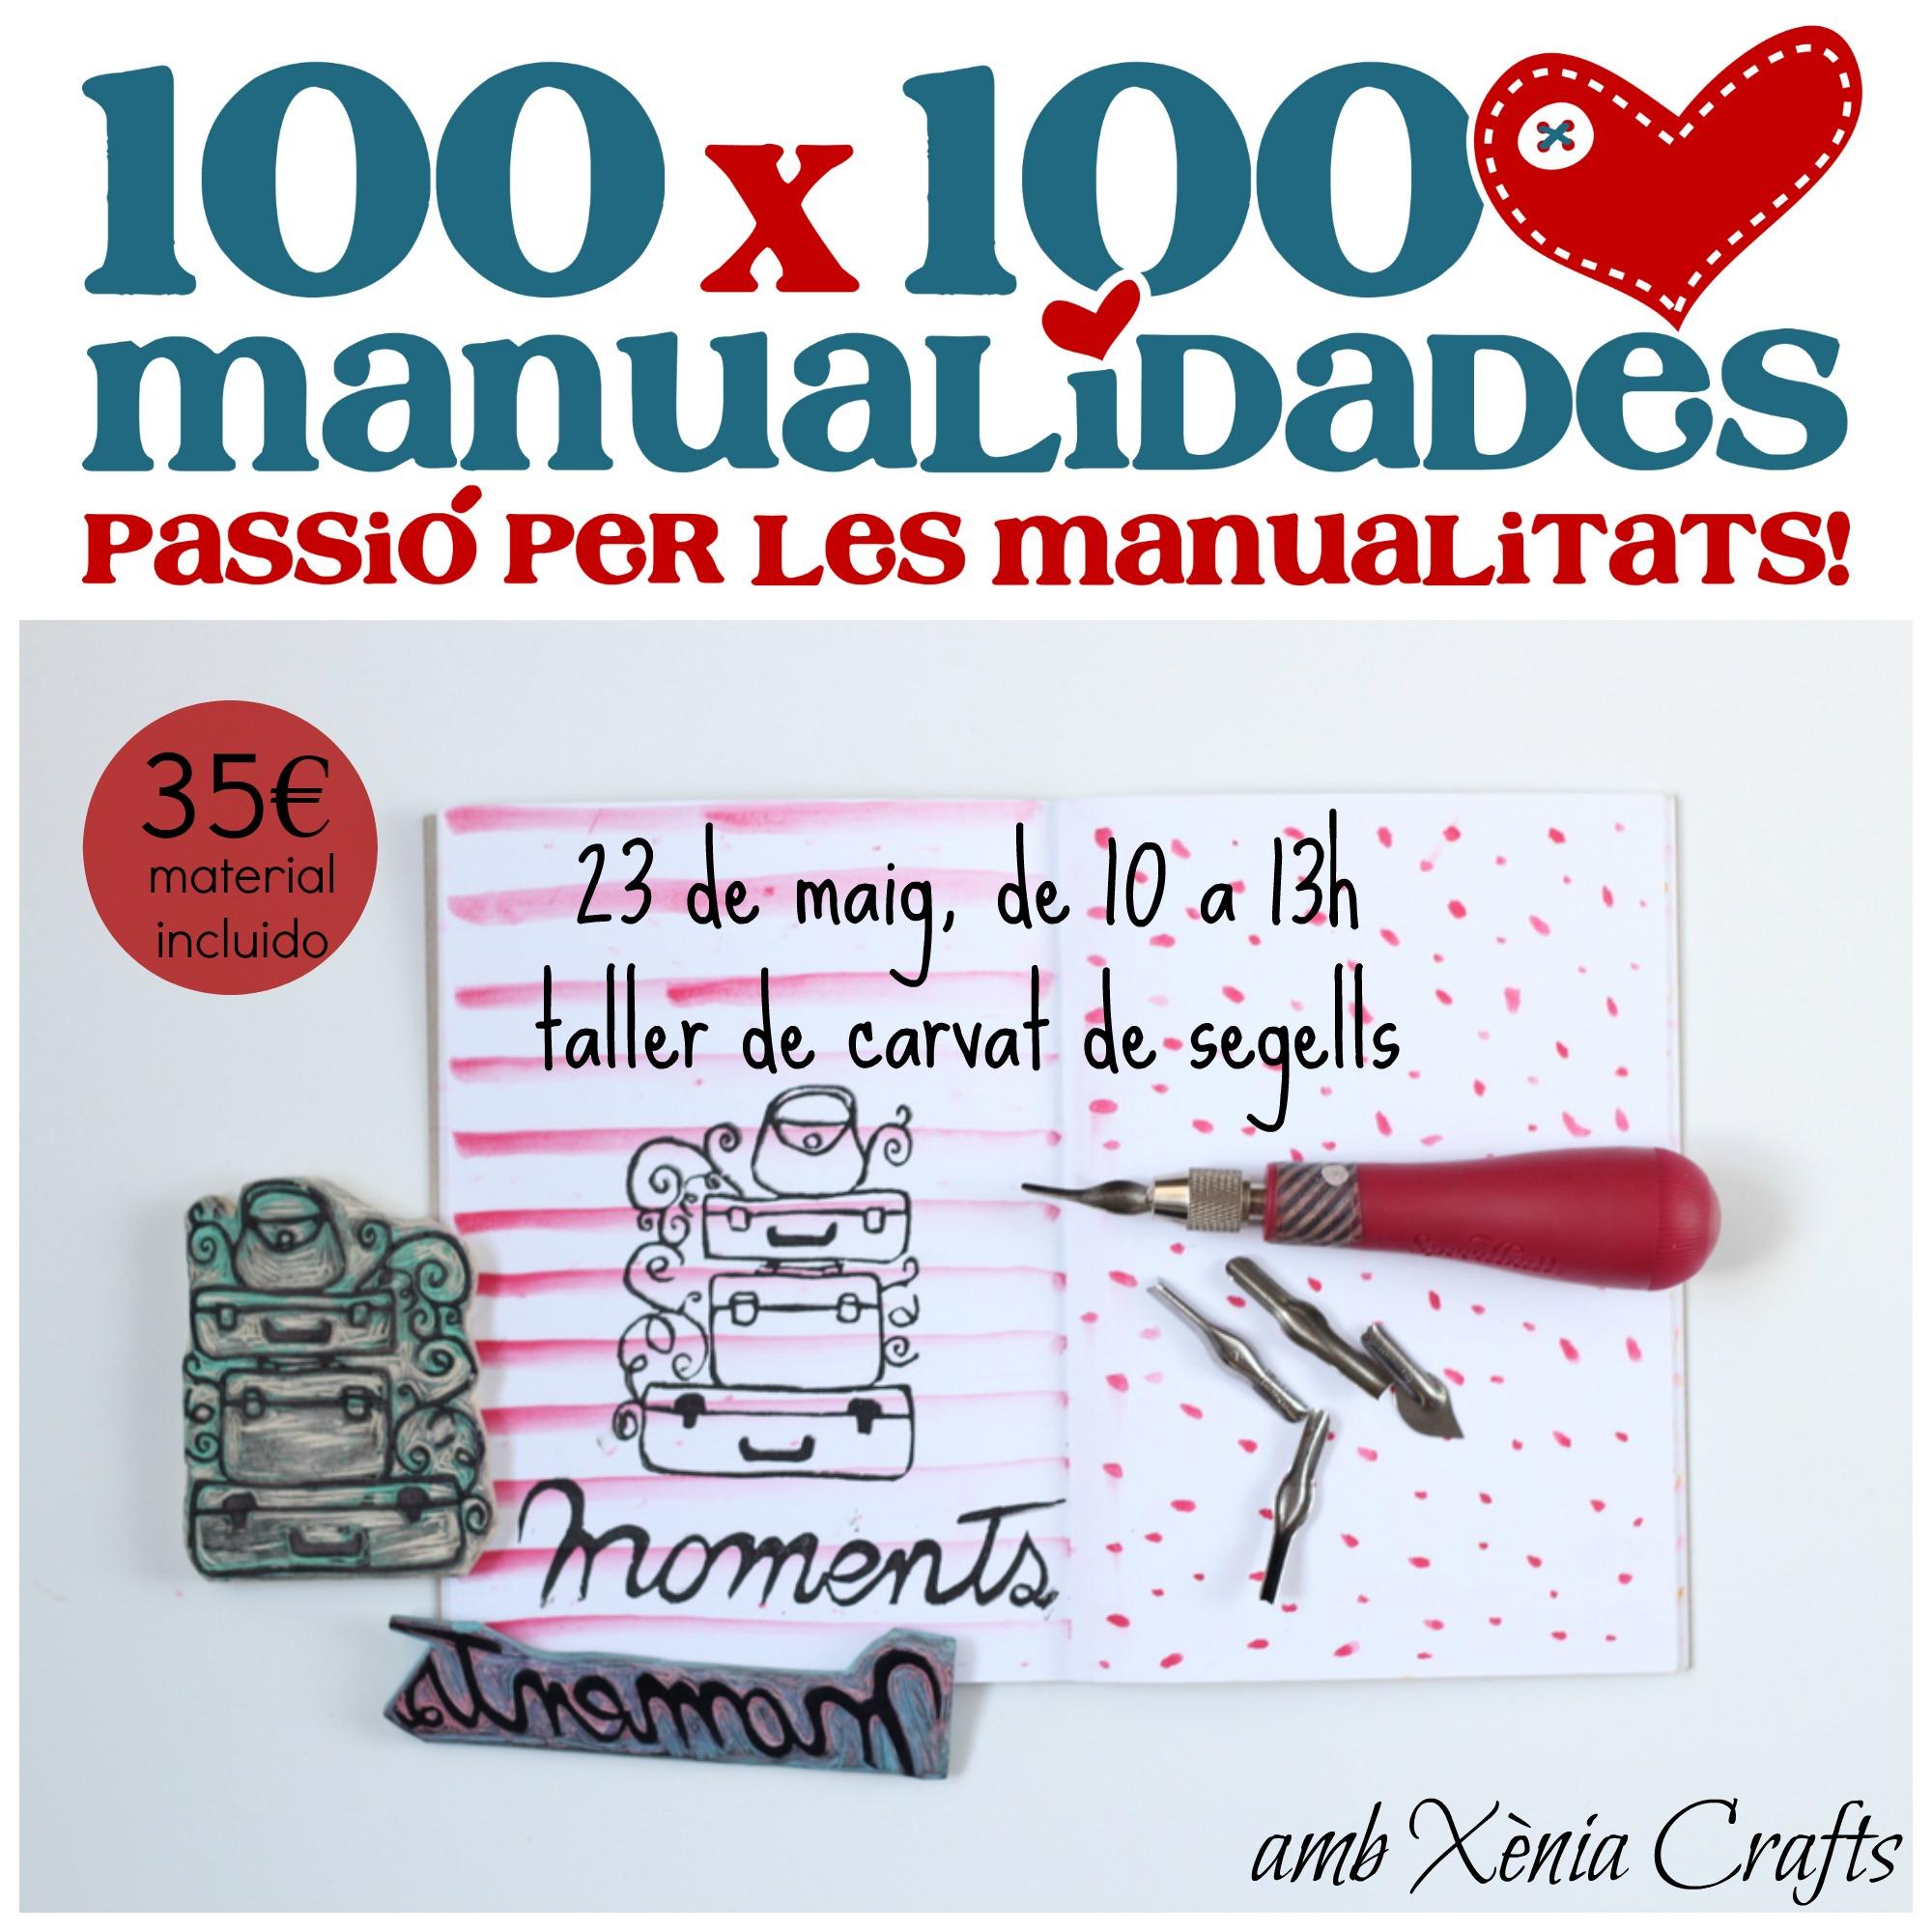 Taller carvado de sellos 100x100Manualidades